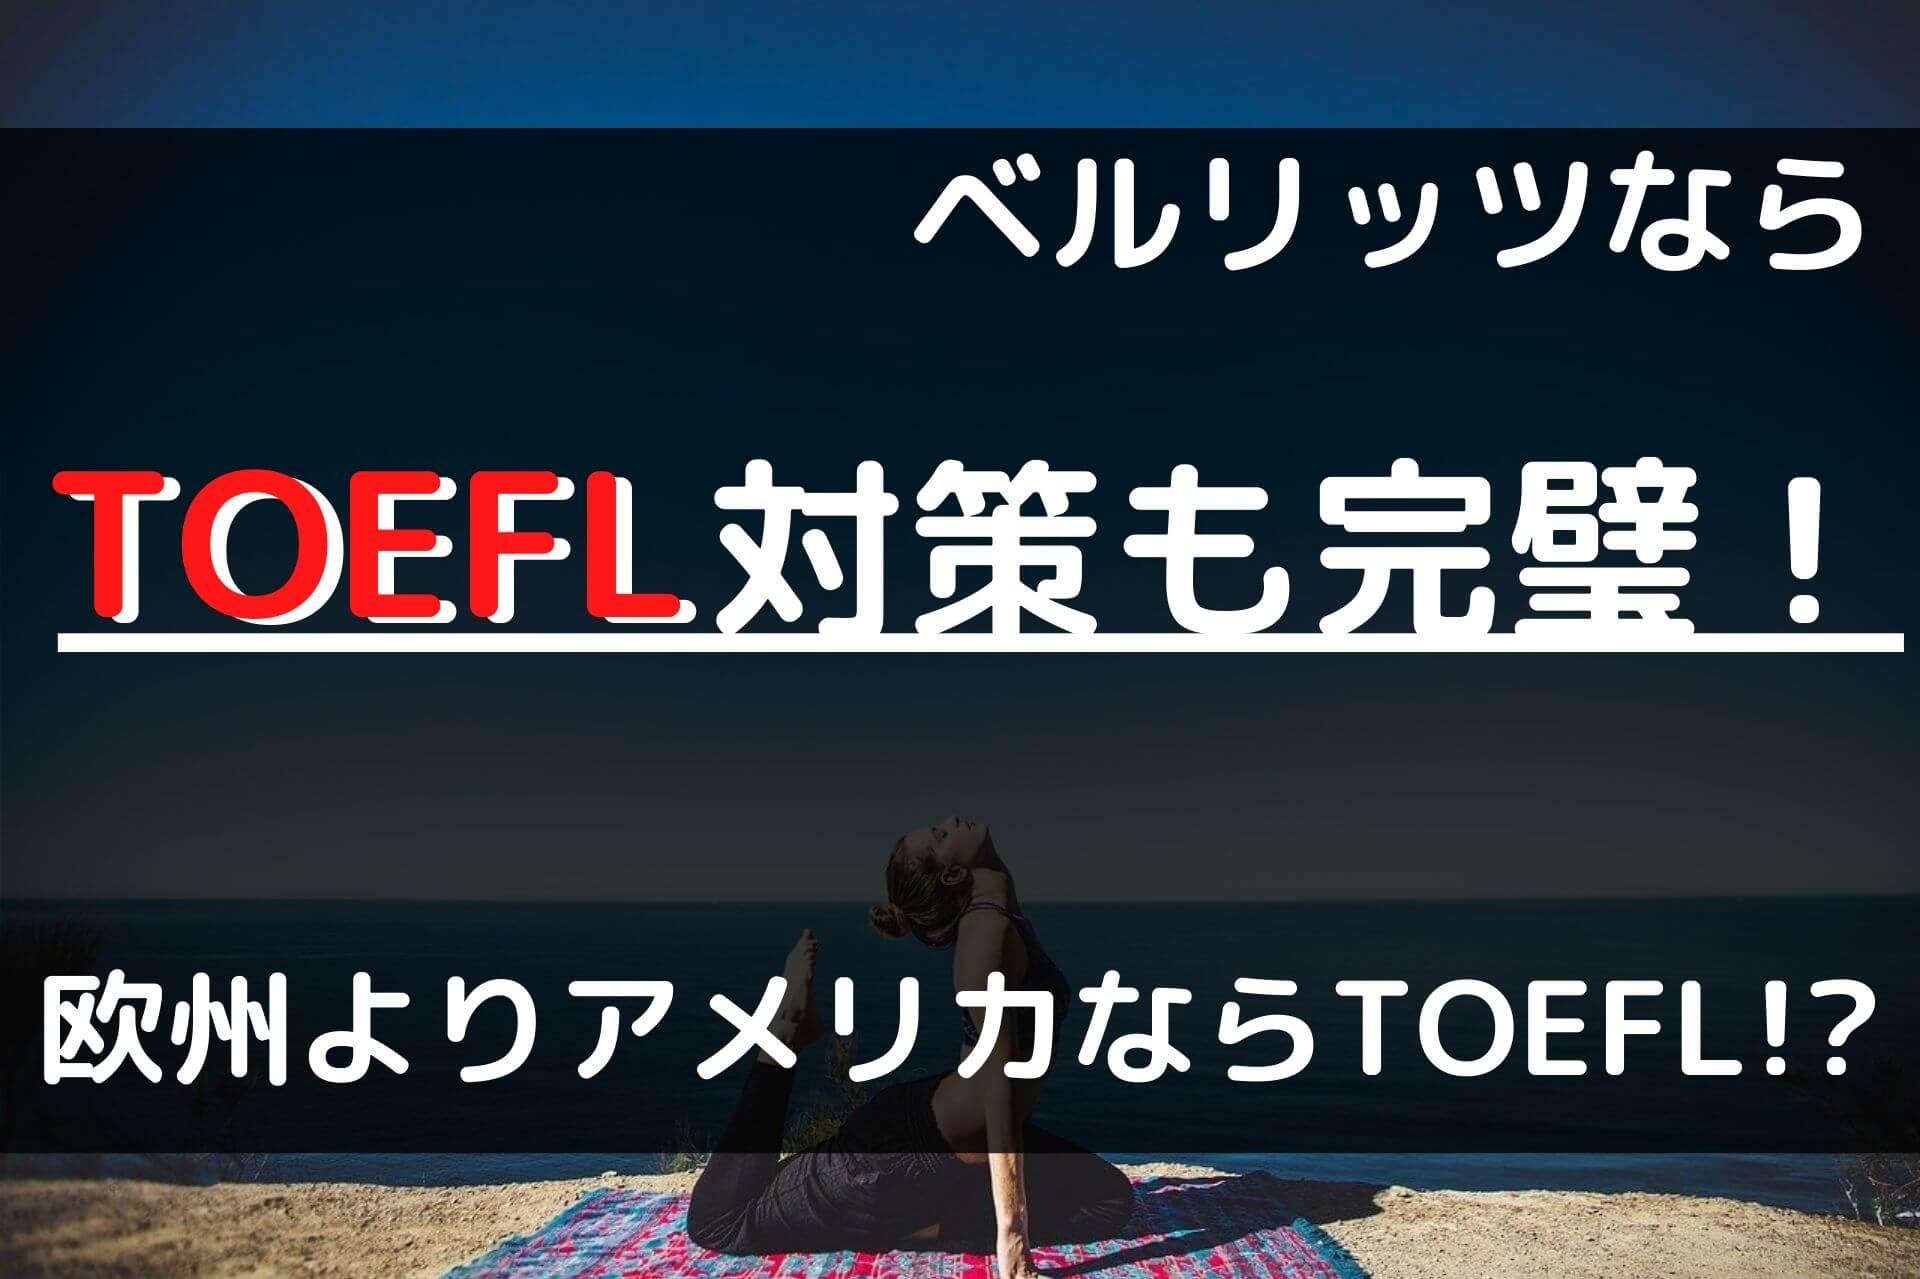 『ベルリッツならTOEFL対策も完璧!欧州よりアメリカならTOEFL!?』記事のアイキャッチ画像